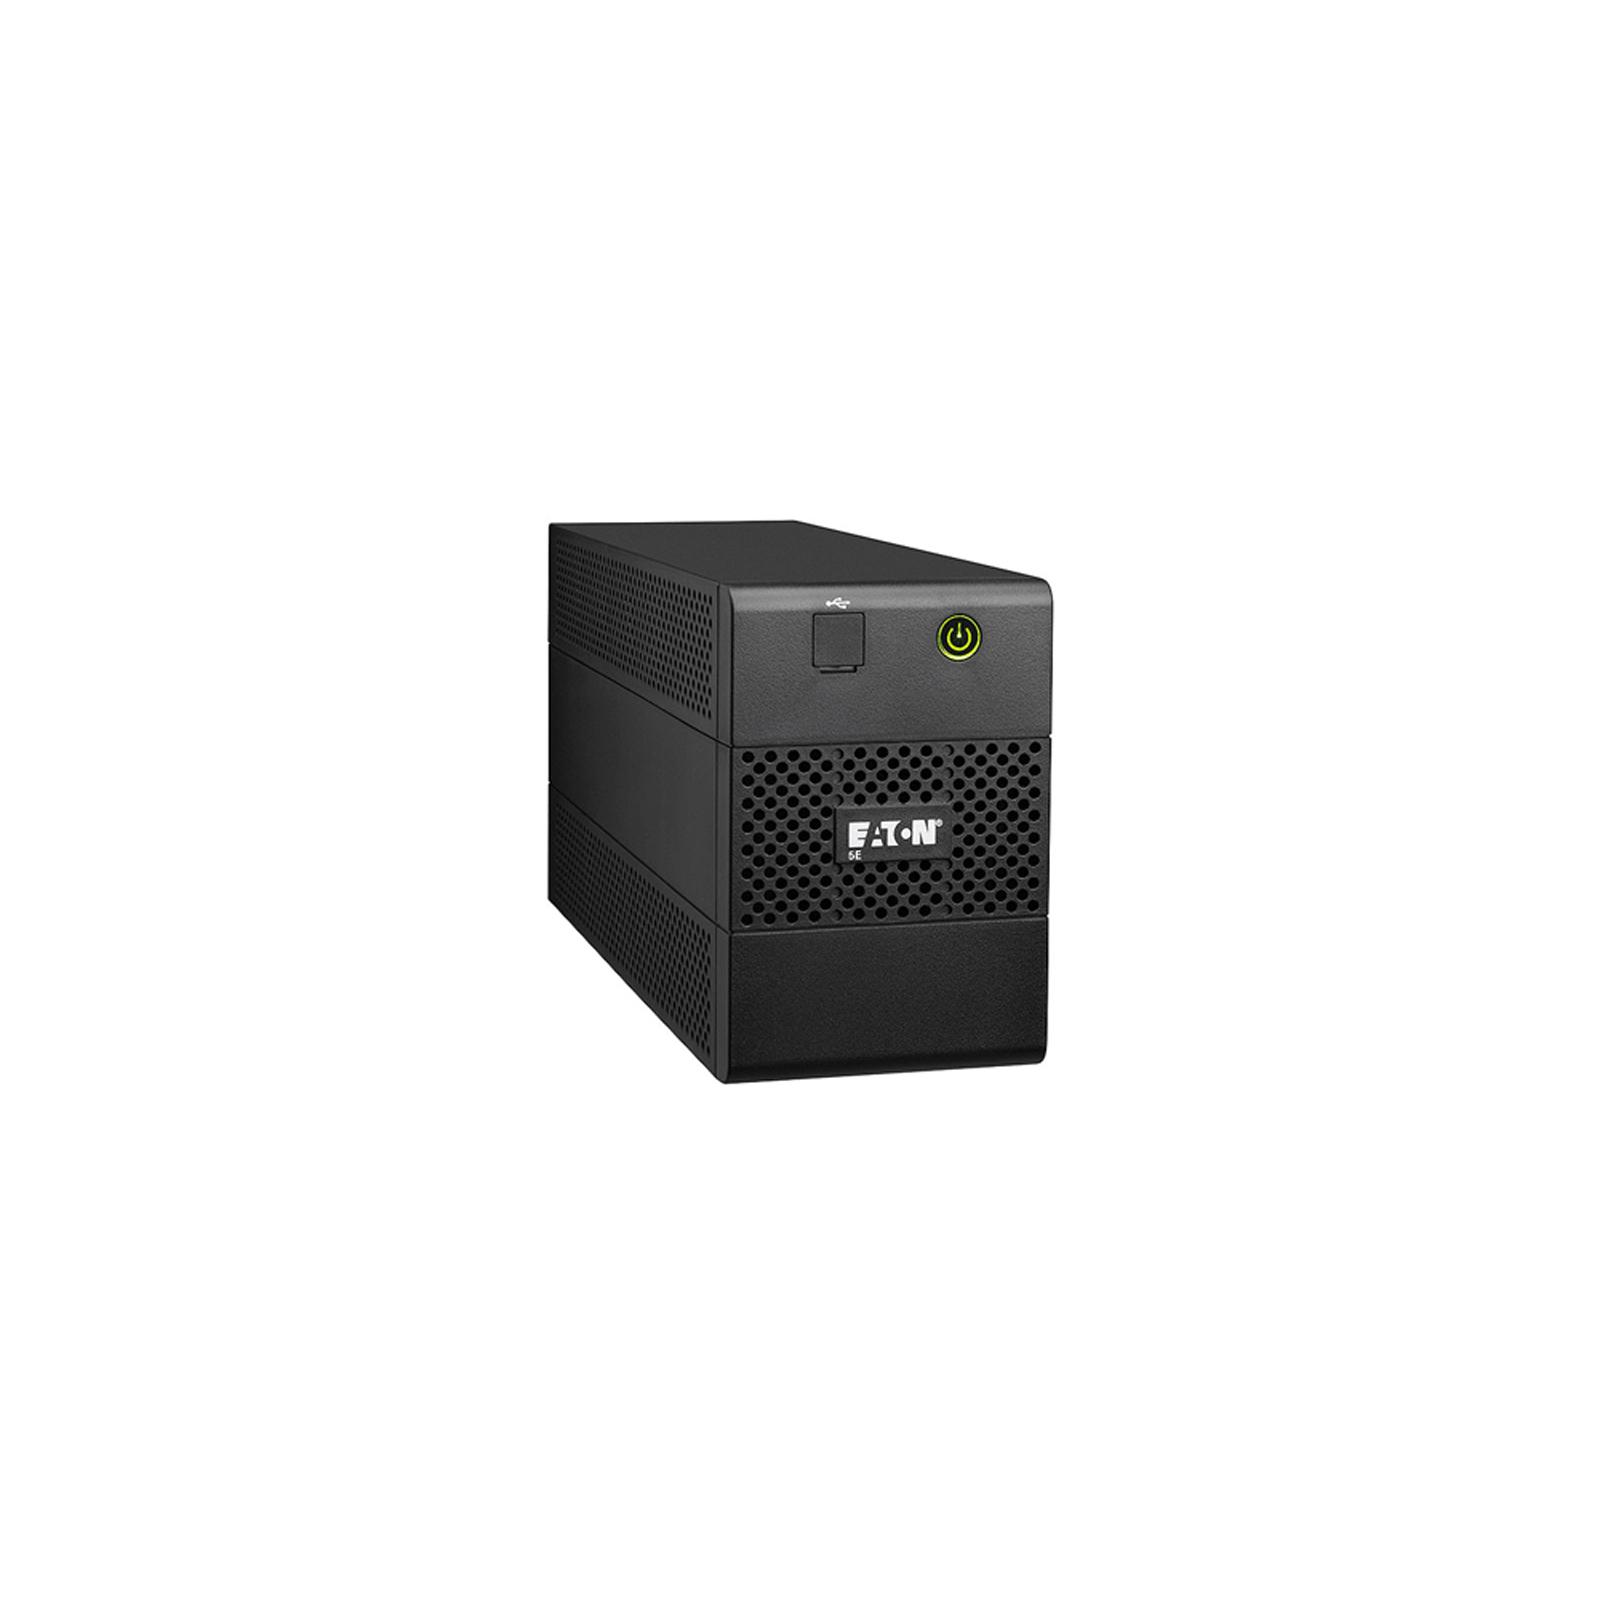 Источник бесперебойного питания Eaton 2000VA, USB (5E2000IUSB)